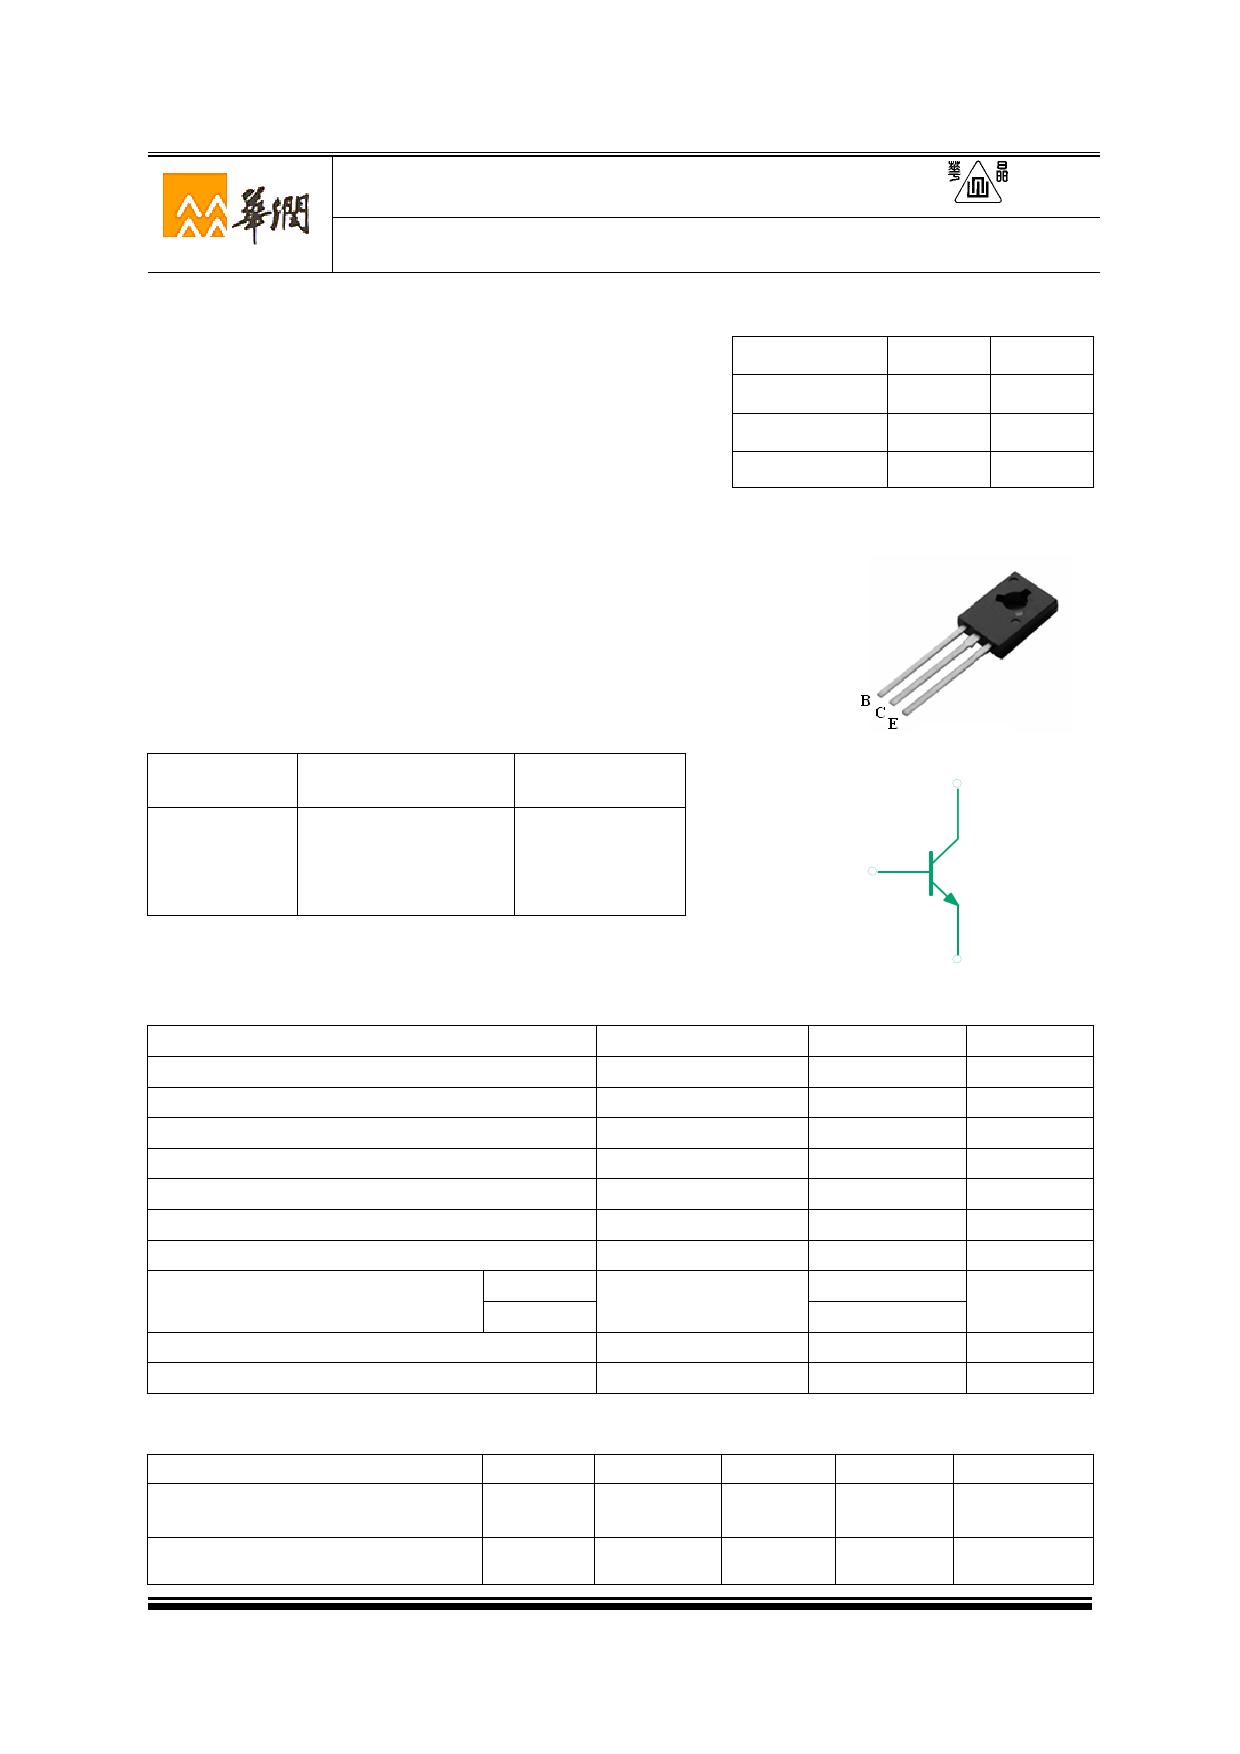 3DD13003X1 Datasheet, 3DD13003X1 PDF,ピン配置, 機能